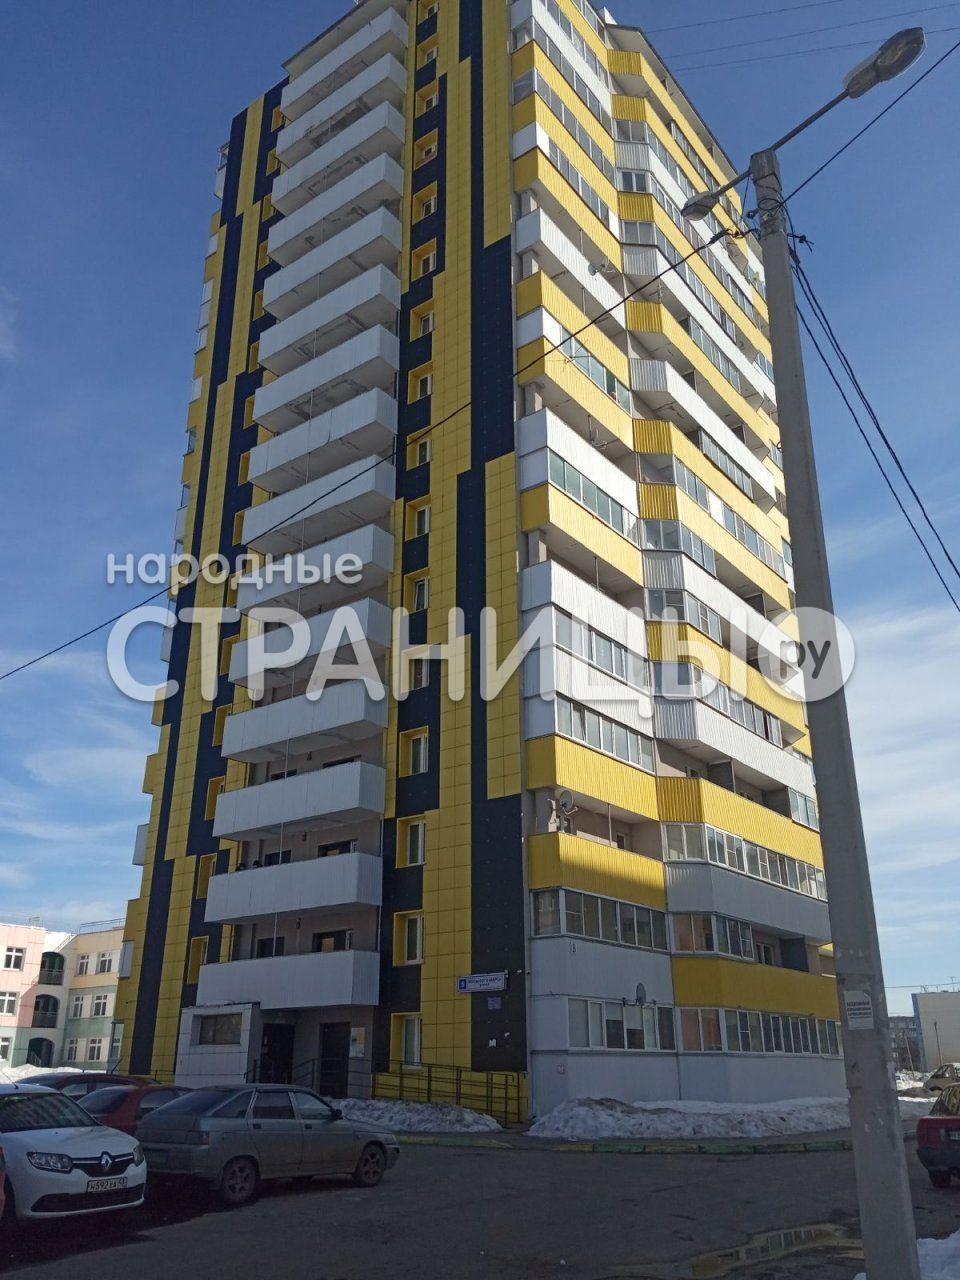 1-комнатная квартира, 23.0 м²,  9/16 эт. Кирпичный дом, Вторичное жилье